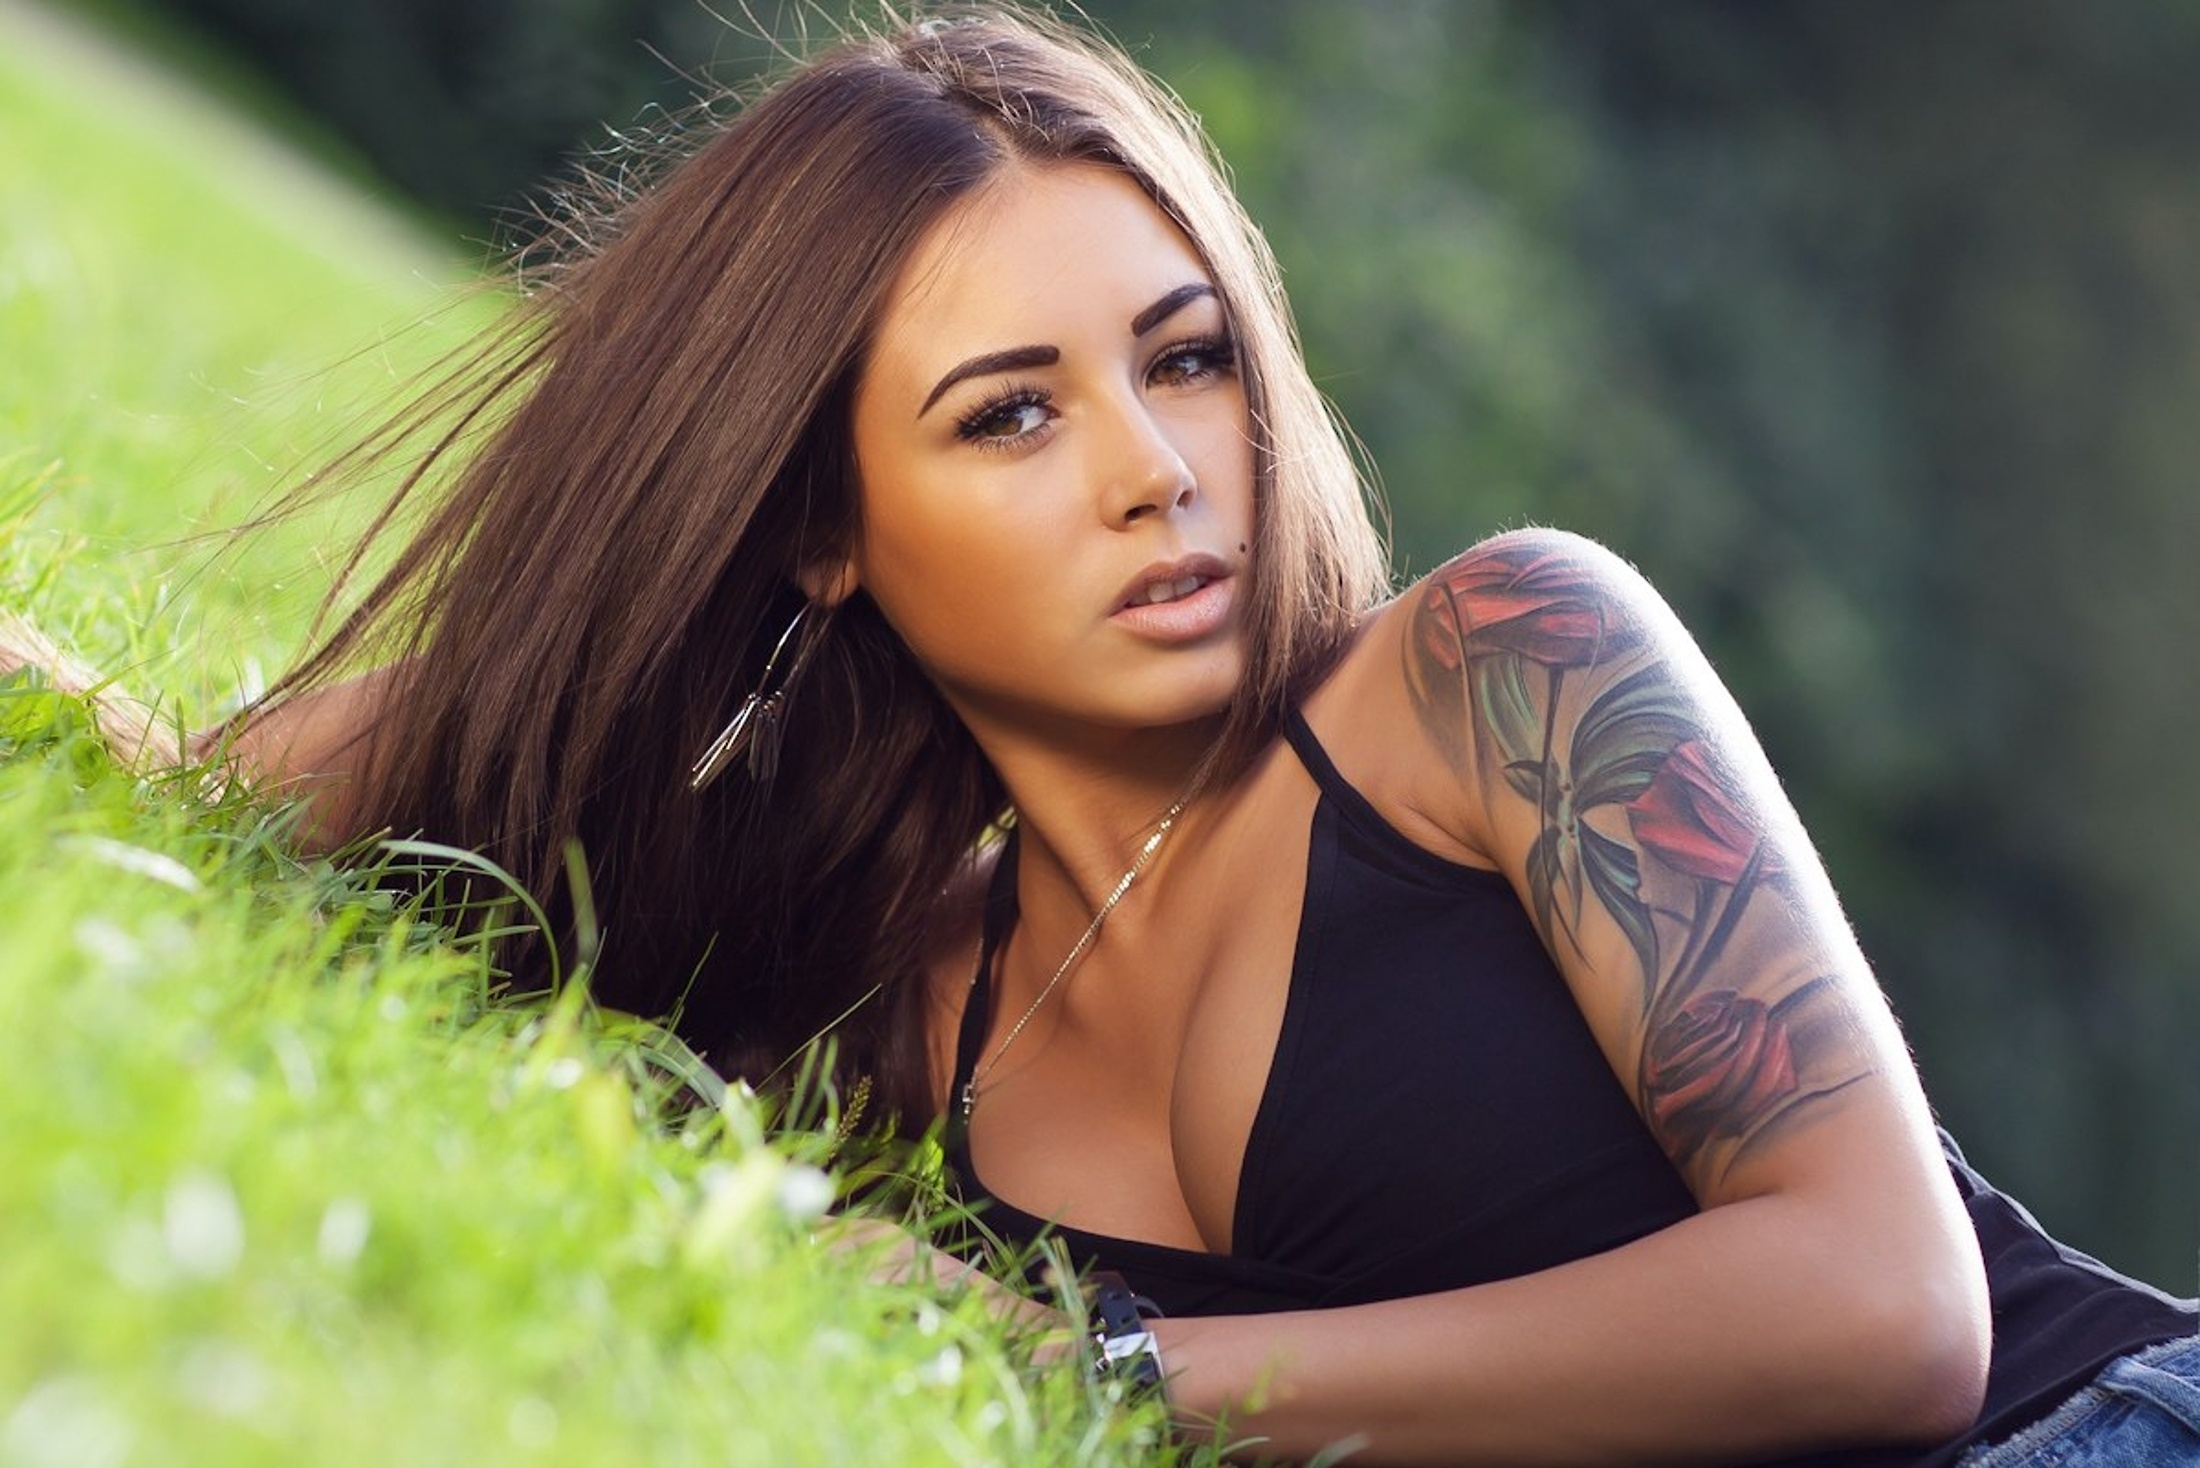 Самые красивые русские девушки в фотографиях 11 фотография